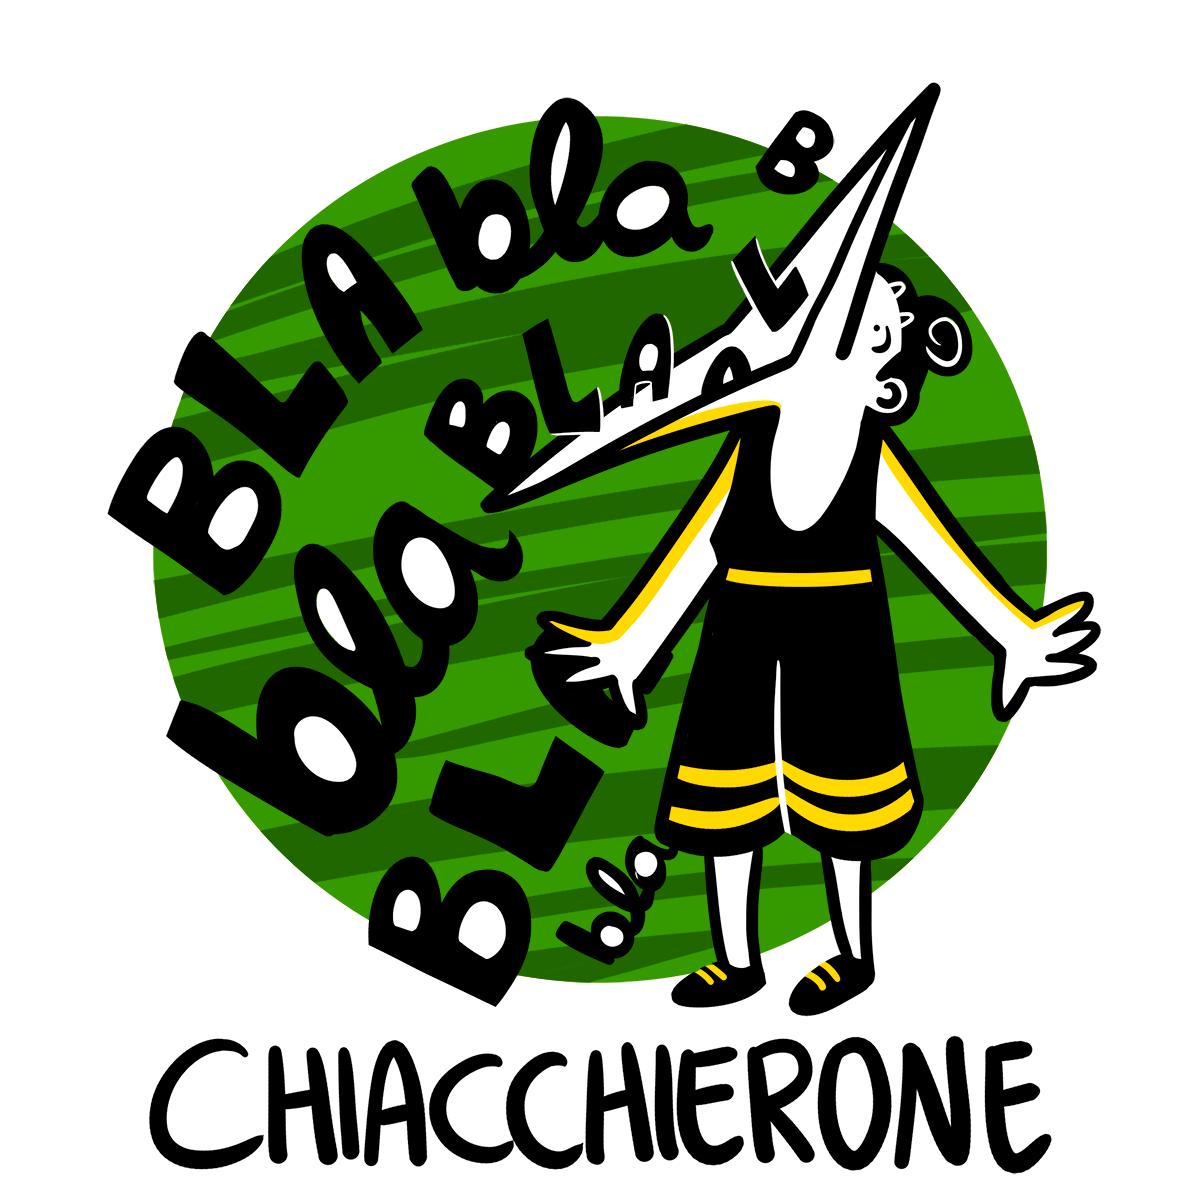 Difficile à épeler, le mot chiacchhierone est bien sûr parmi nos préférés